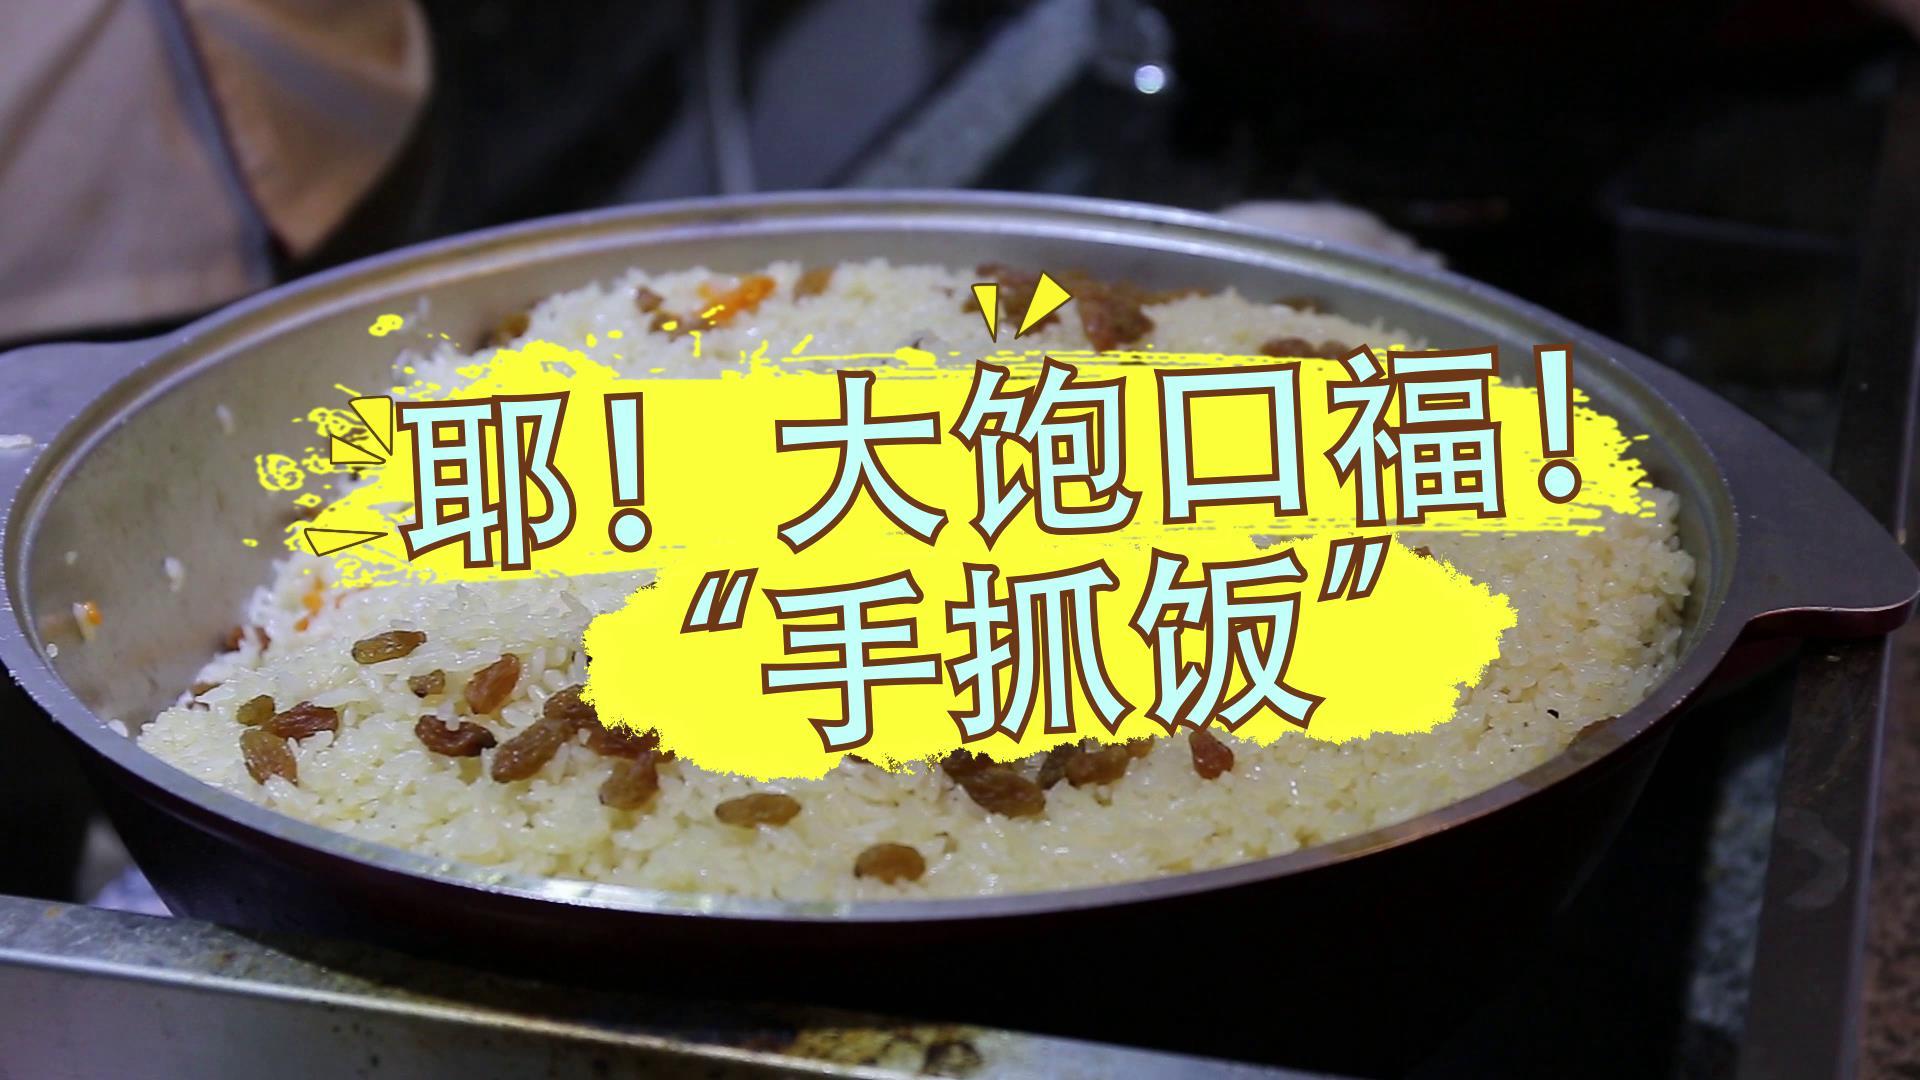 新疆美食手抓饭 惊呆了台湾小伙儿图片